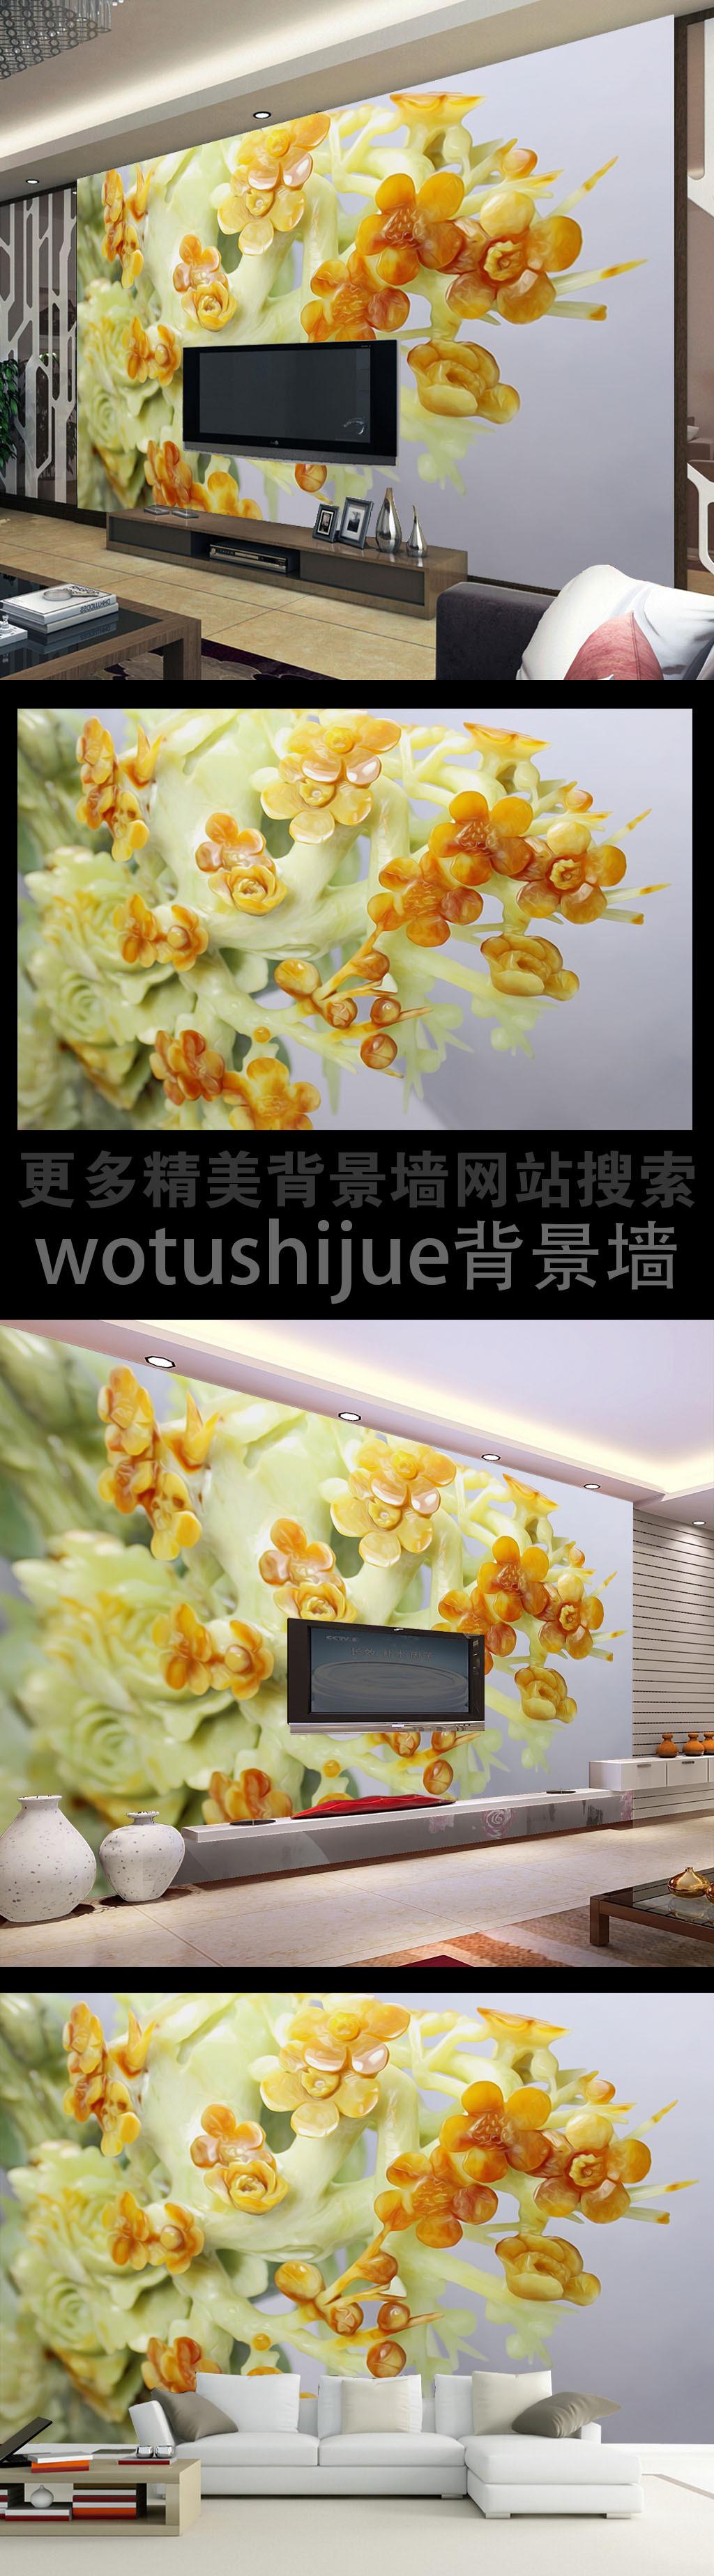 玉雕花朵电视背景墙